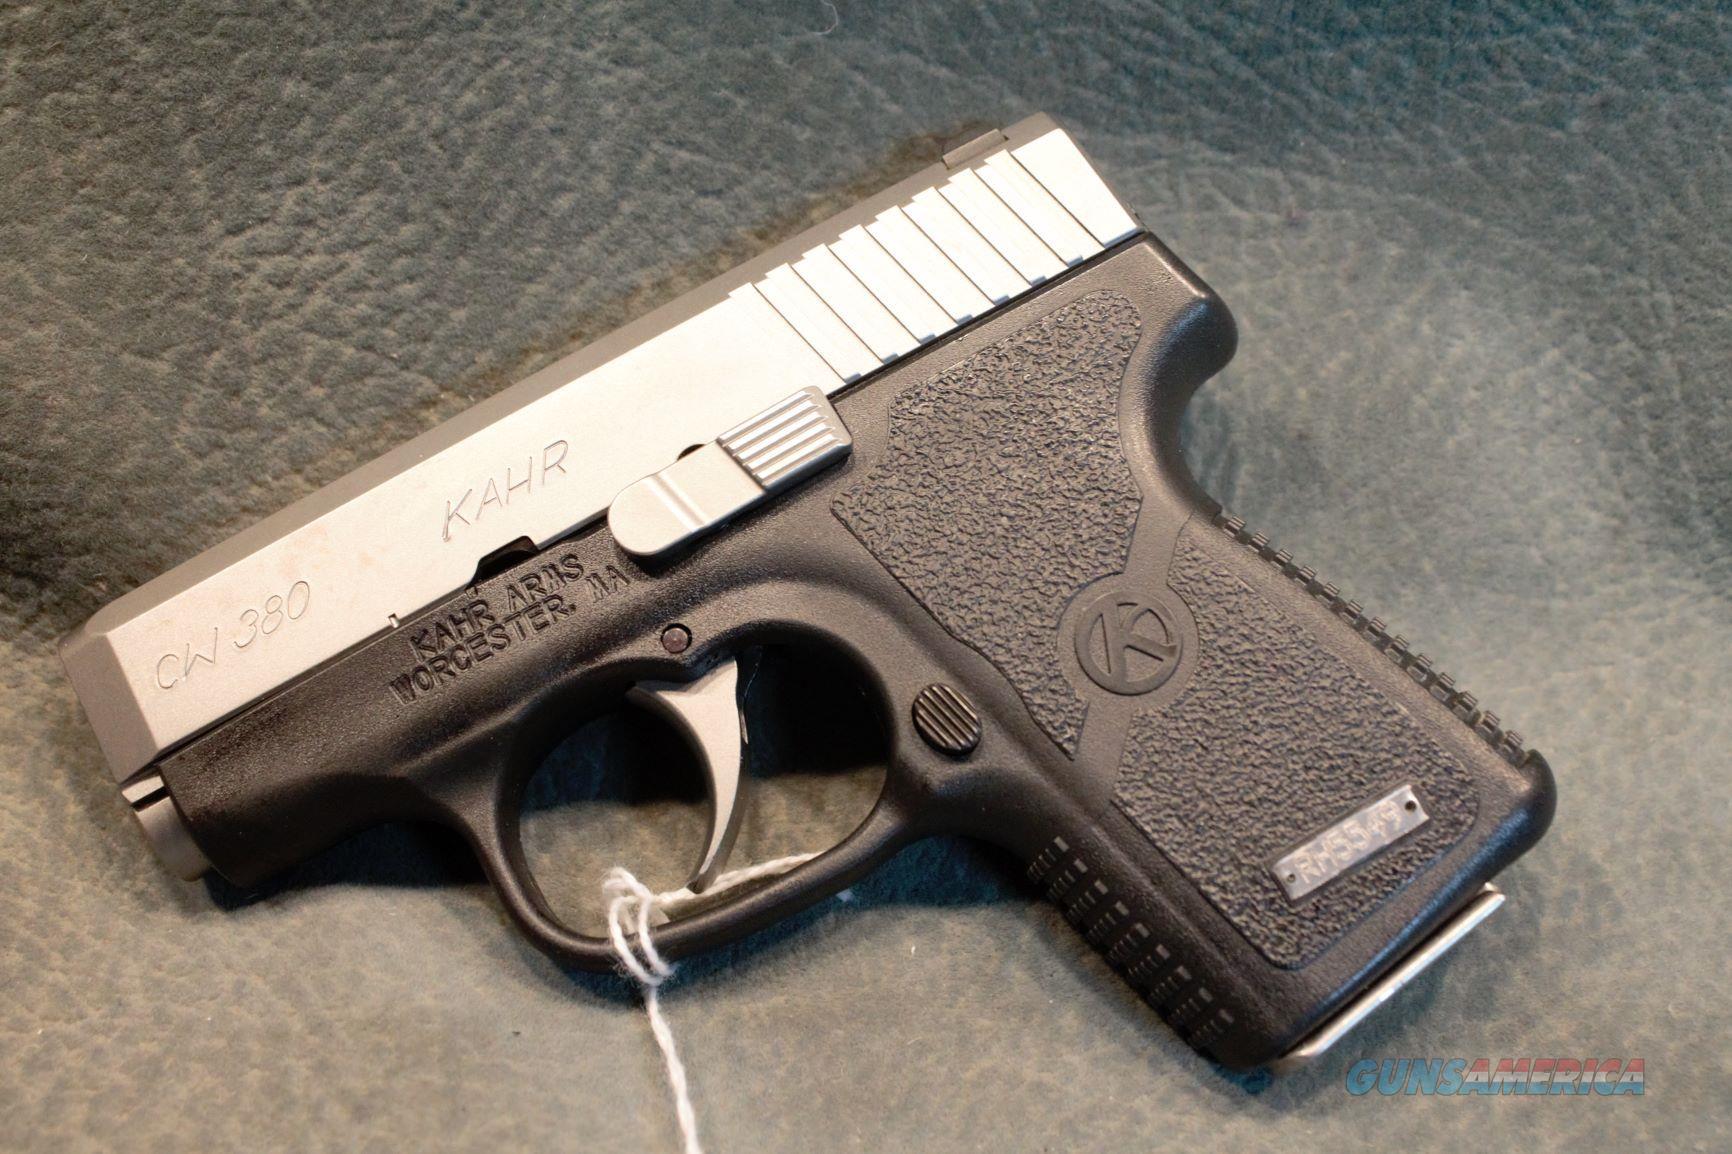 Kahr Arms CW 380 ACP  Guns > Pistols > Kahr Pistols